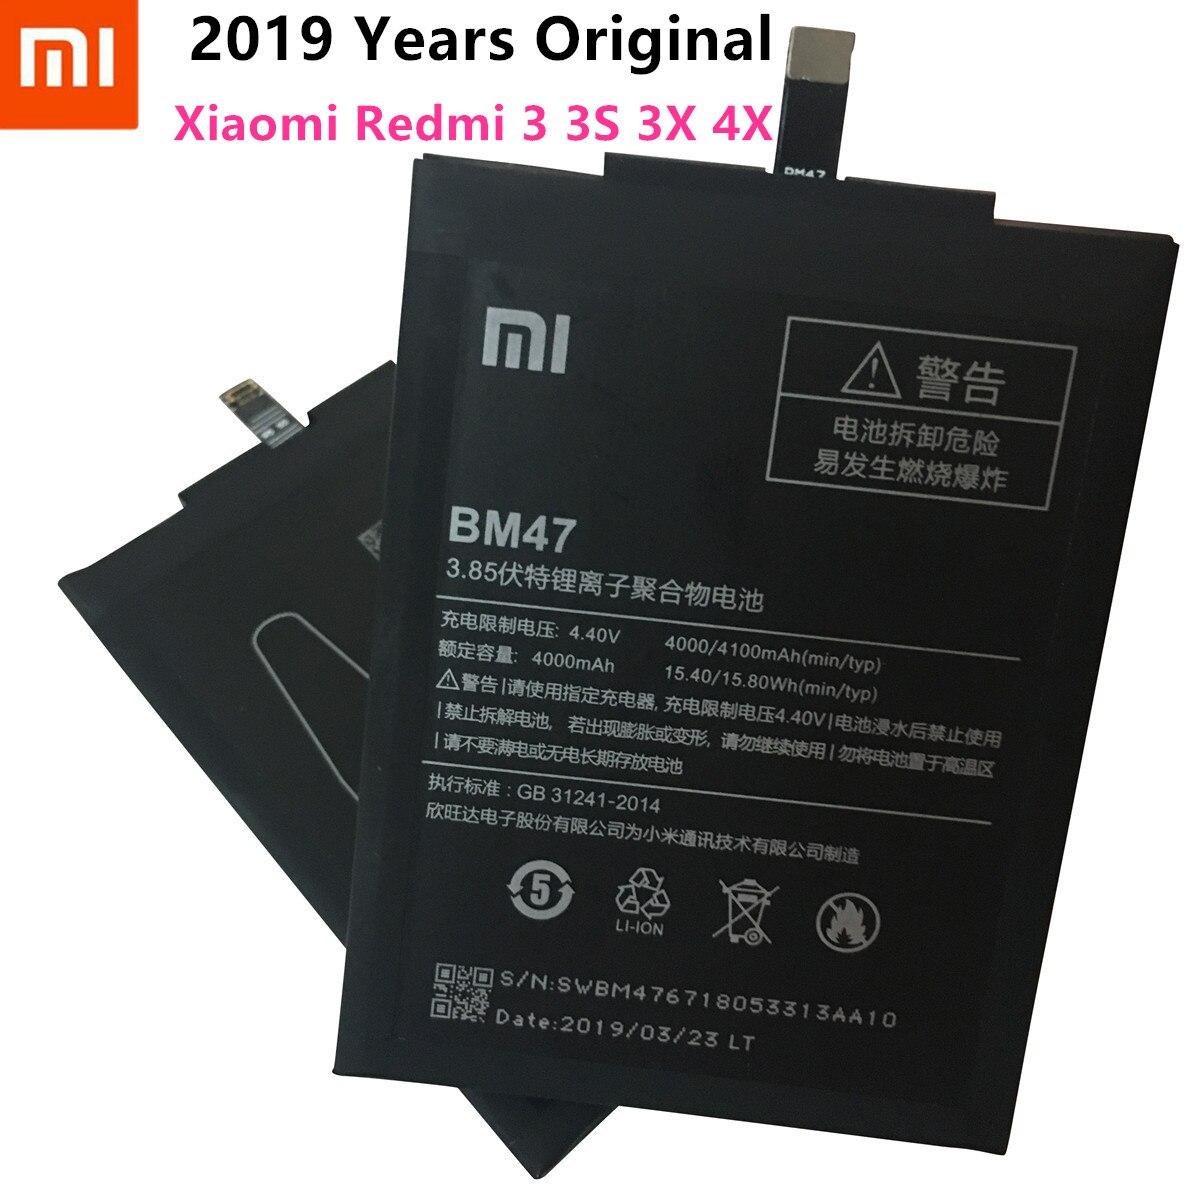 2019 anos 100% original 4000 mah bm47 bateria para xiaomi redmi 3 s redmi 3x redmi 4x hongmi 3 s redrice hongmi 3 bateria